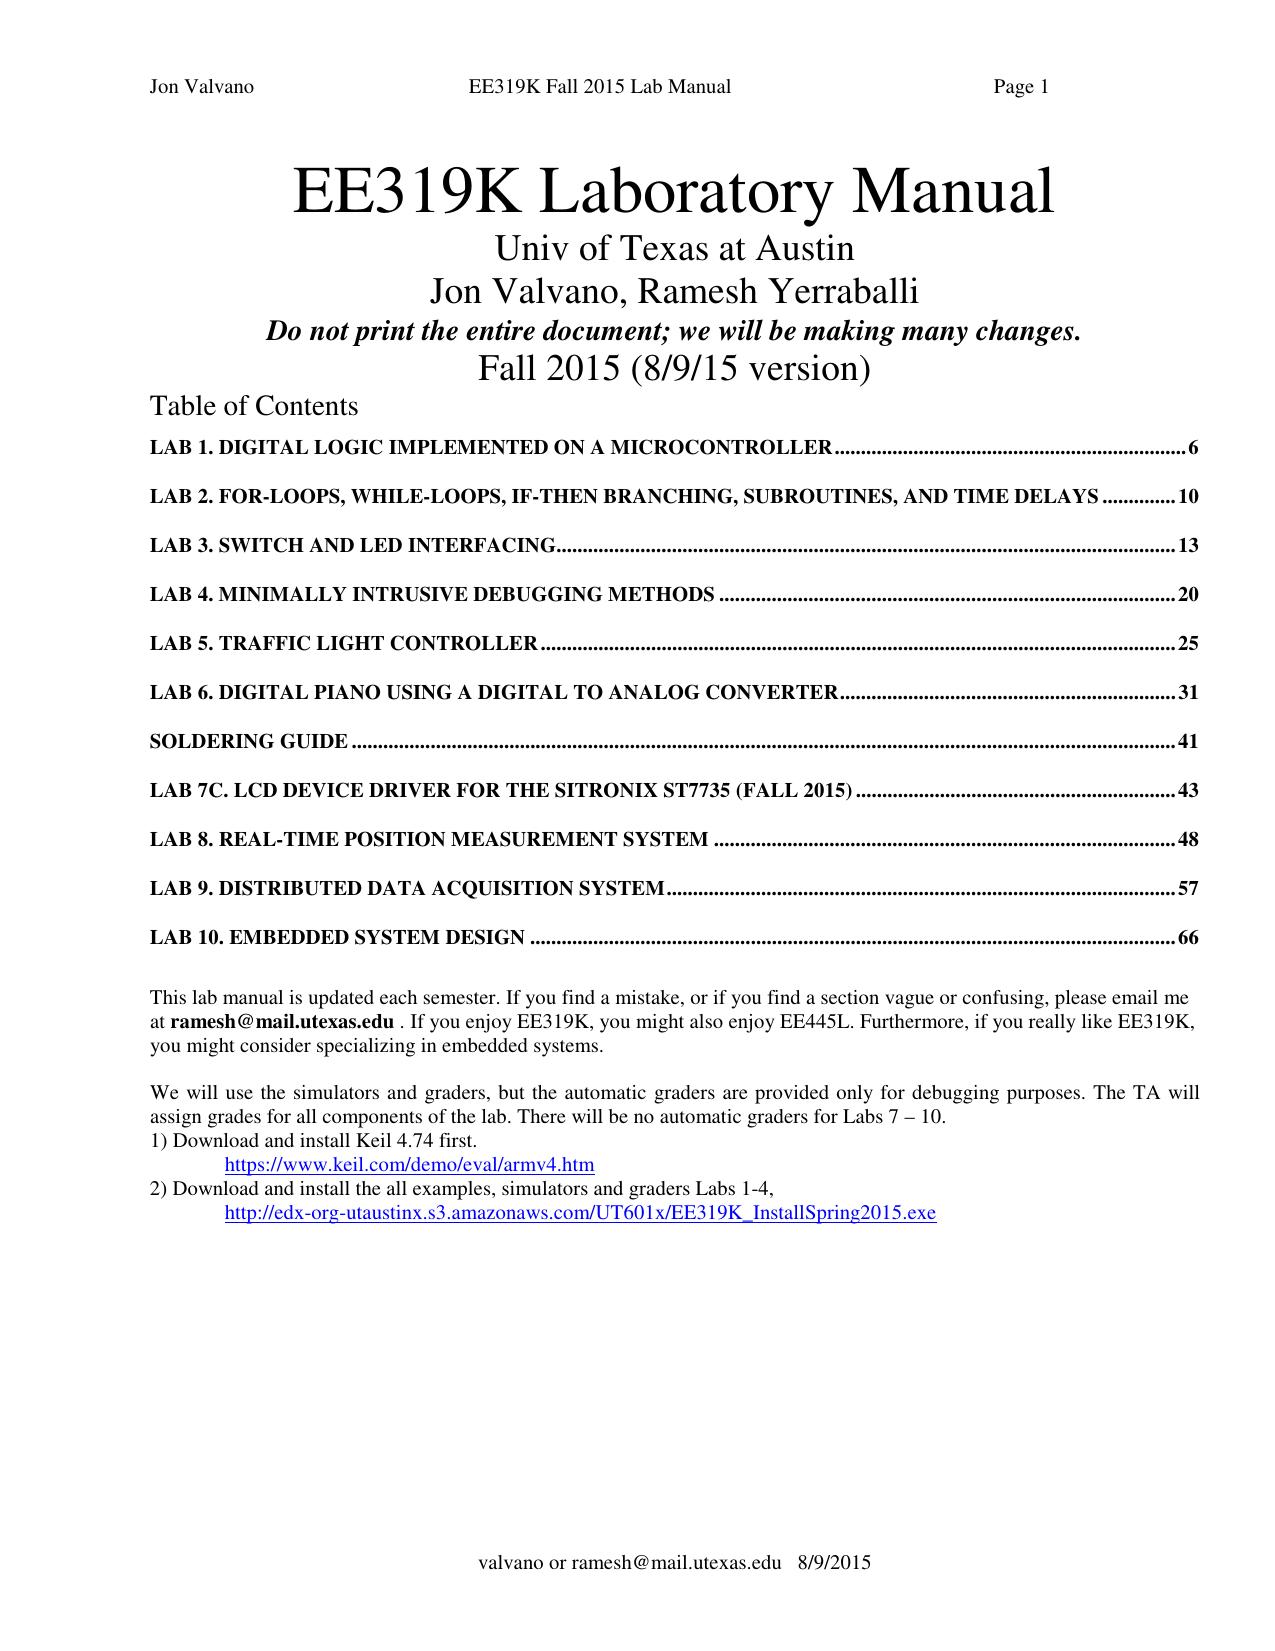 ee319k homework manual